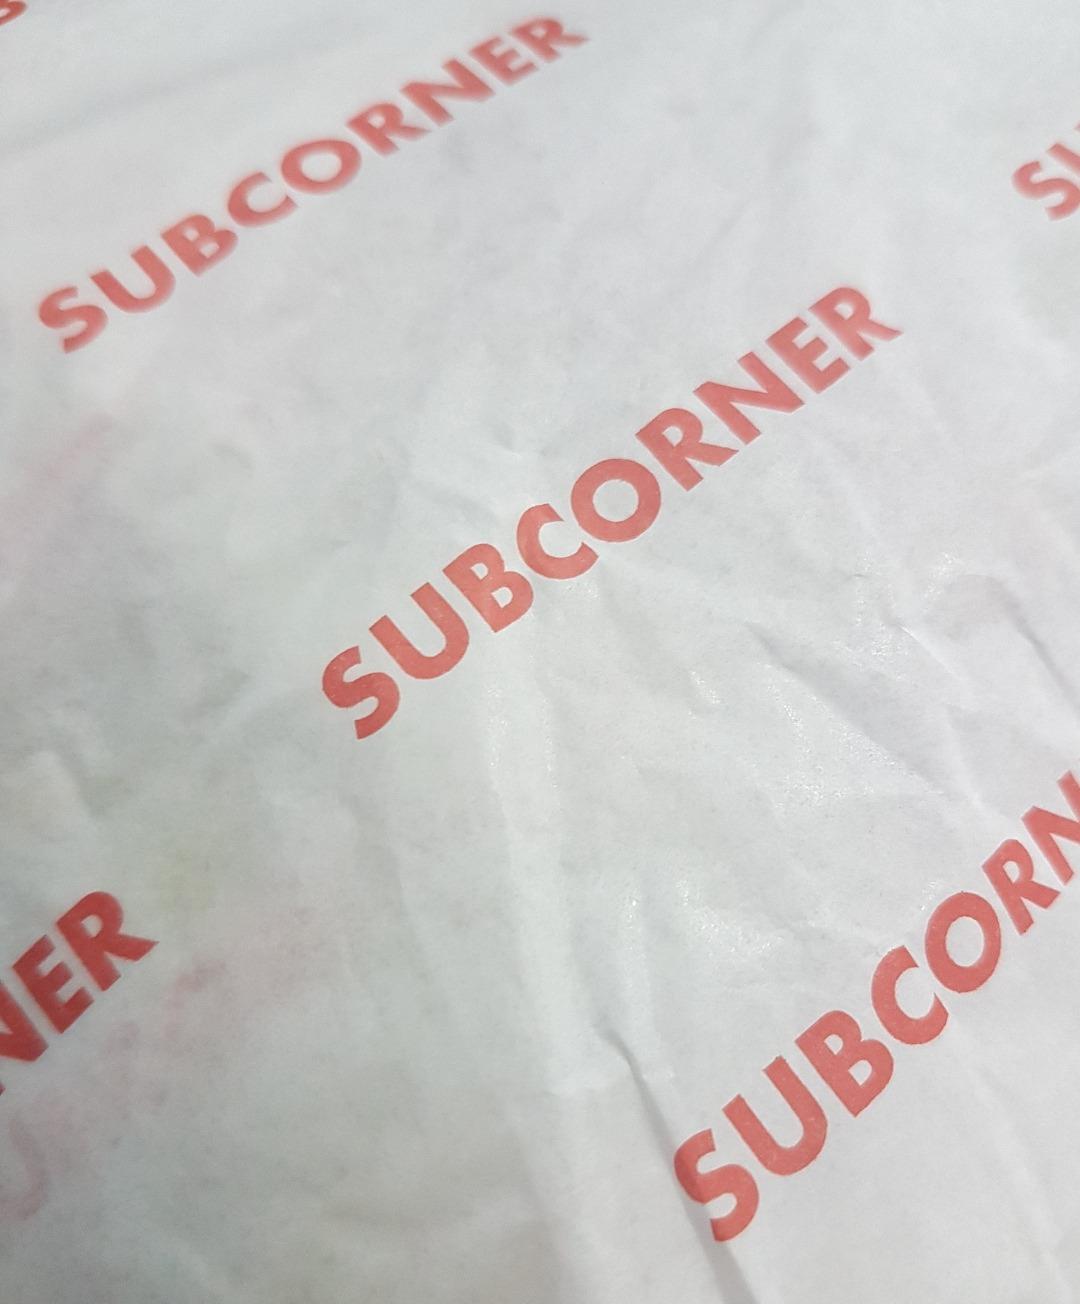 #subcorner #bahrain @ Sub Corner - Bahrain